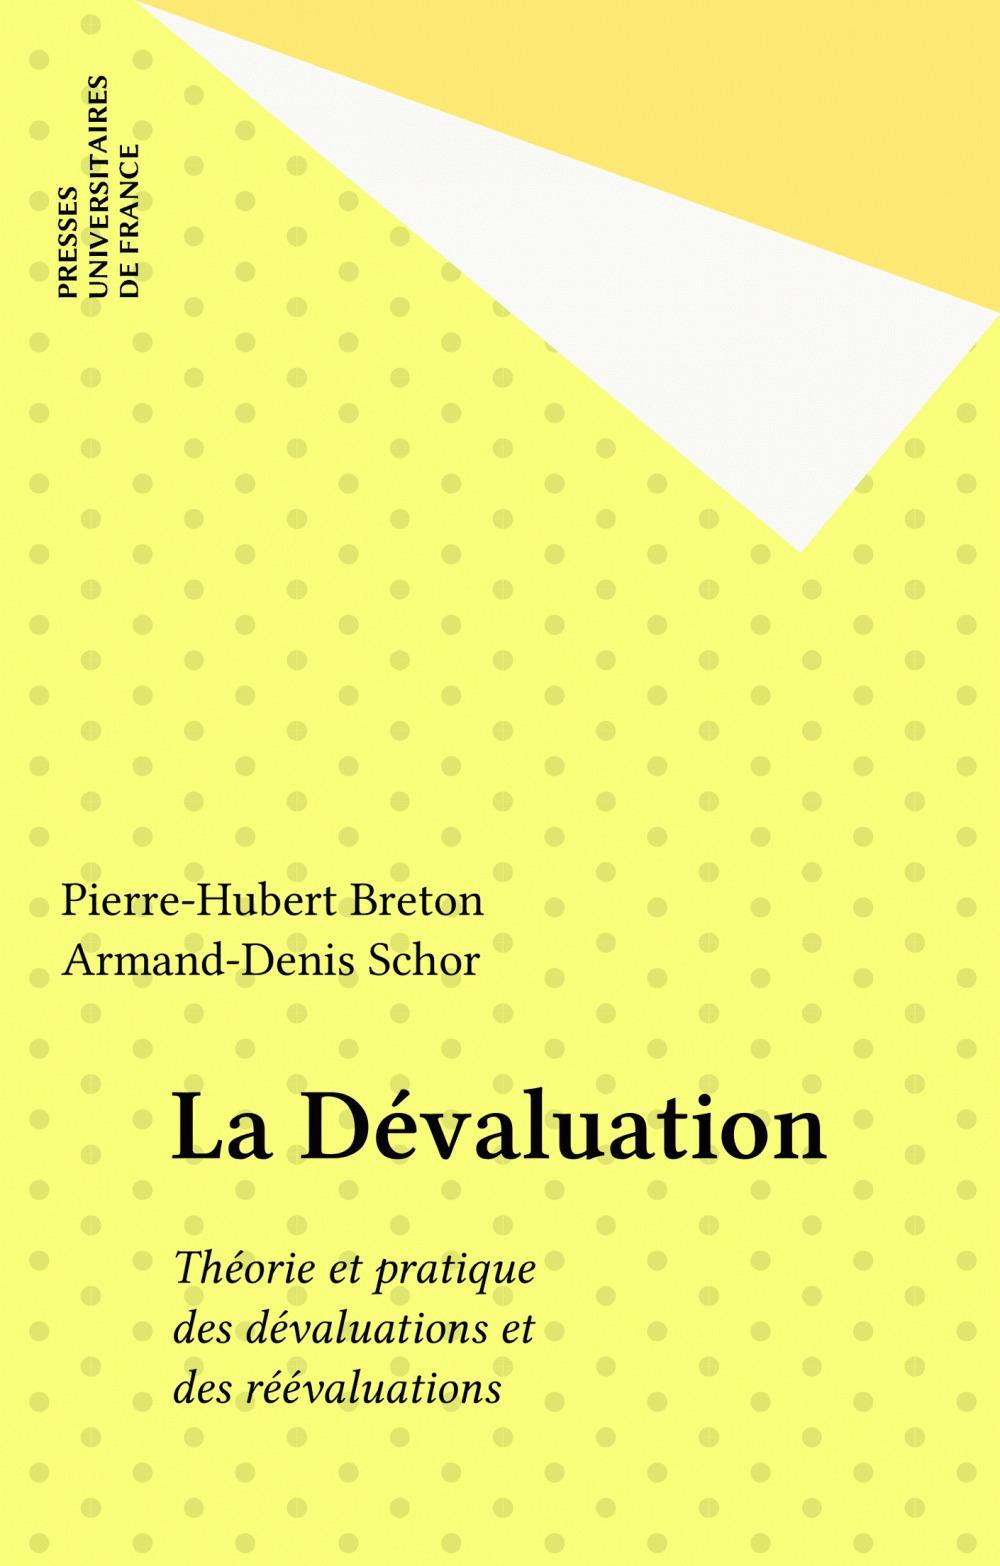 Pierre-Hubert Breton La Dévaluation